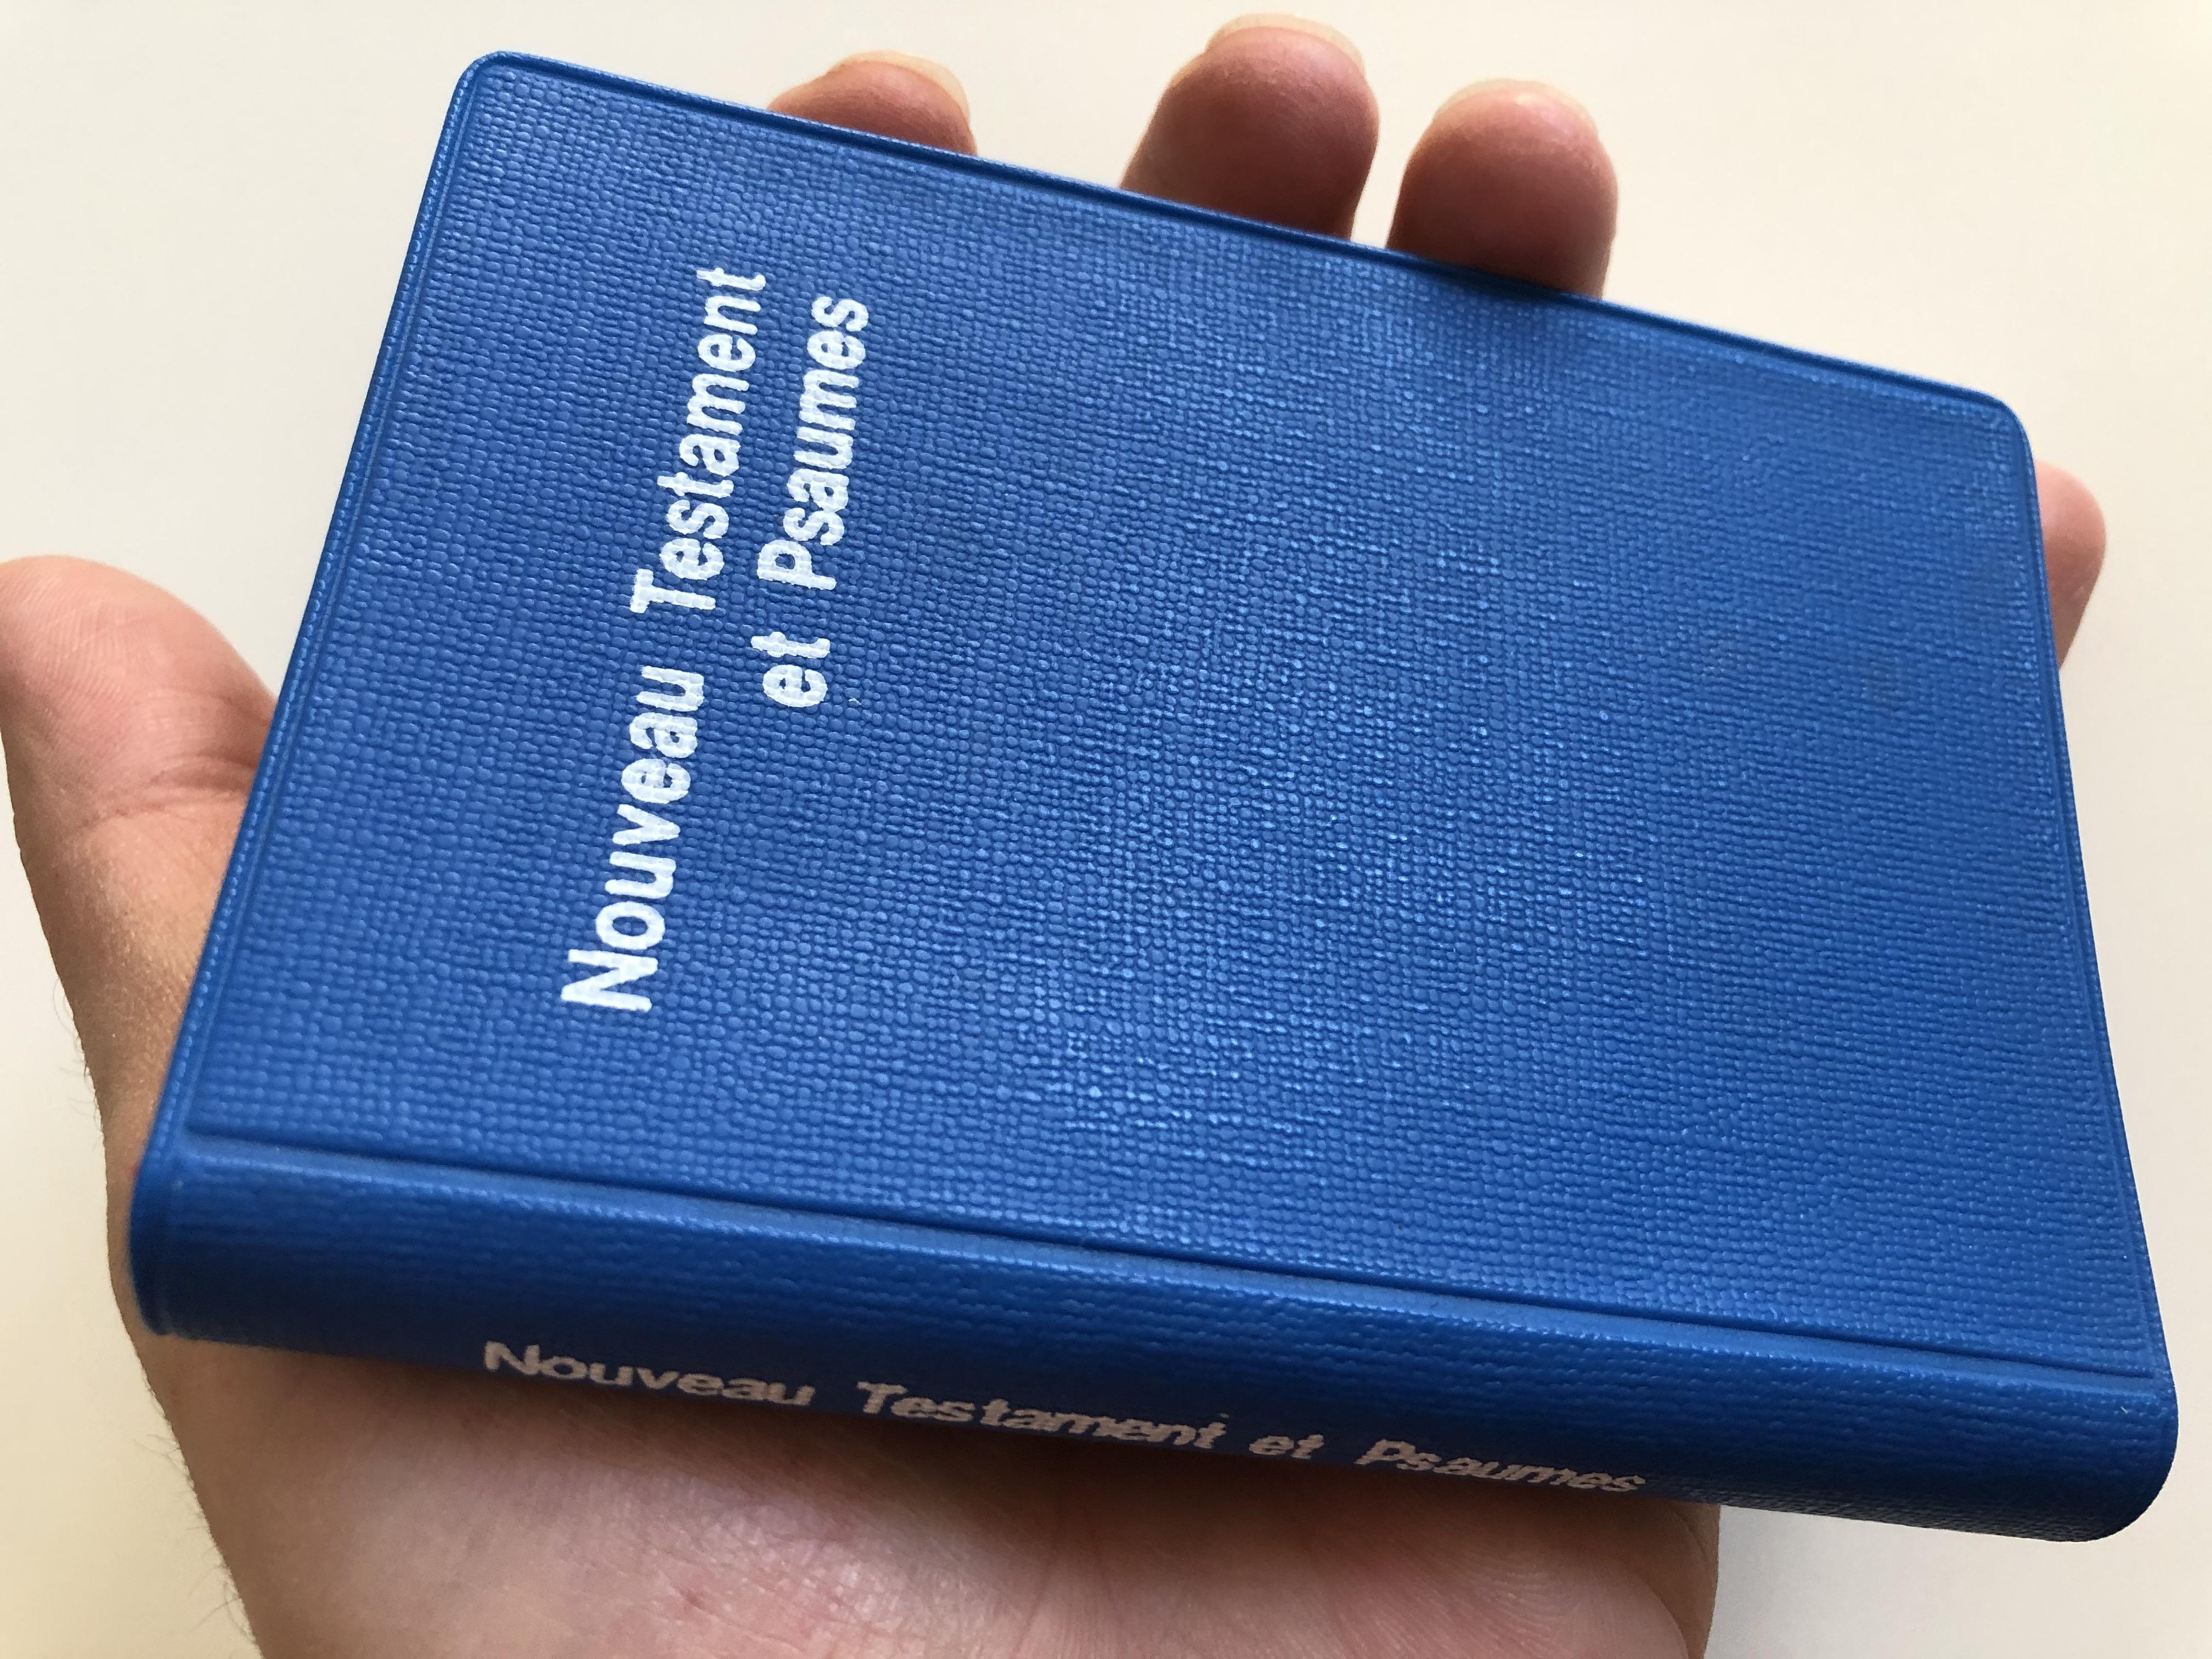 le-noveau-testament-et-les-psaumes-french-language-new-testament-and-psalms-12-.jpg